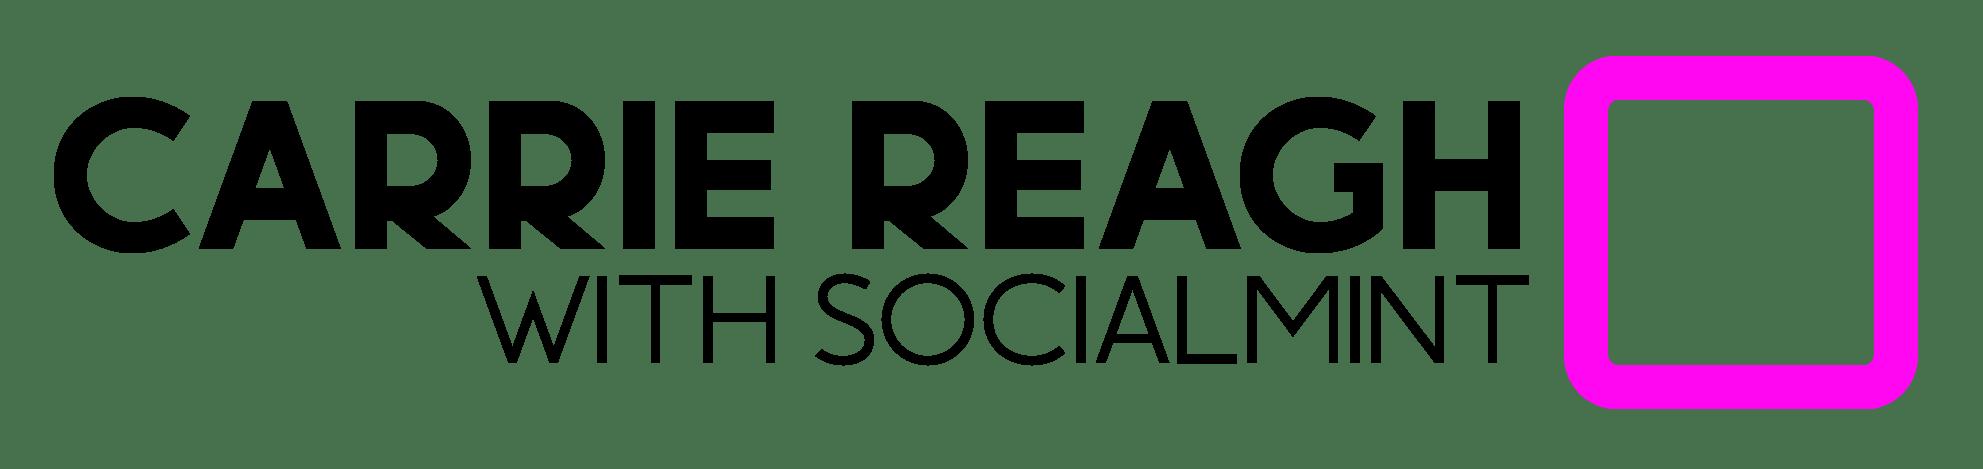 Carrie Reagh Social Mint logo